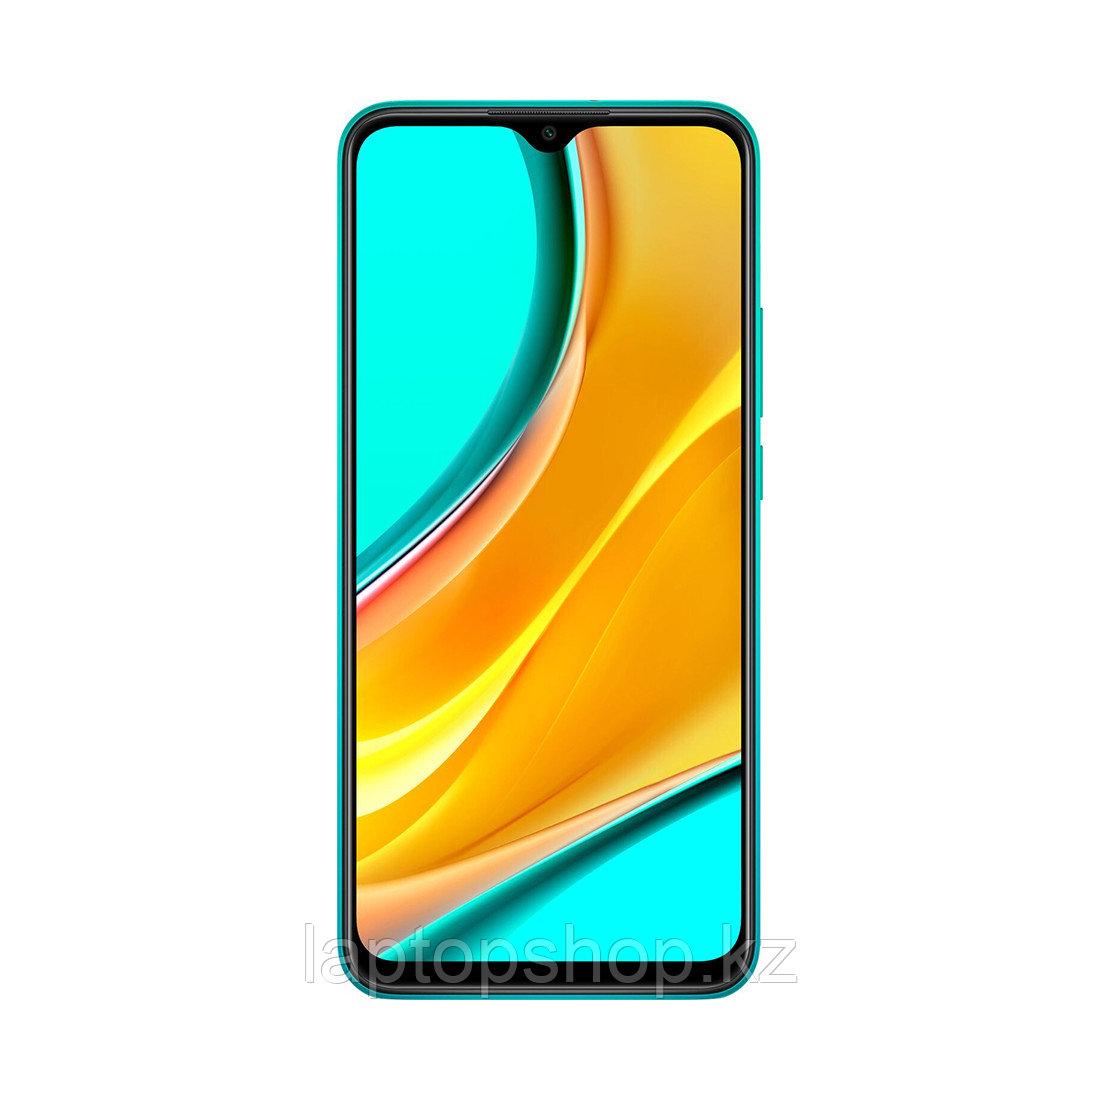 Мобильный телефон Xiaomi Redmi 9 32GB NFC Ocean Green